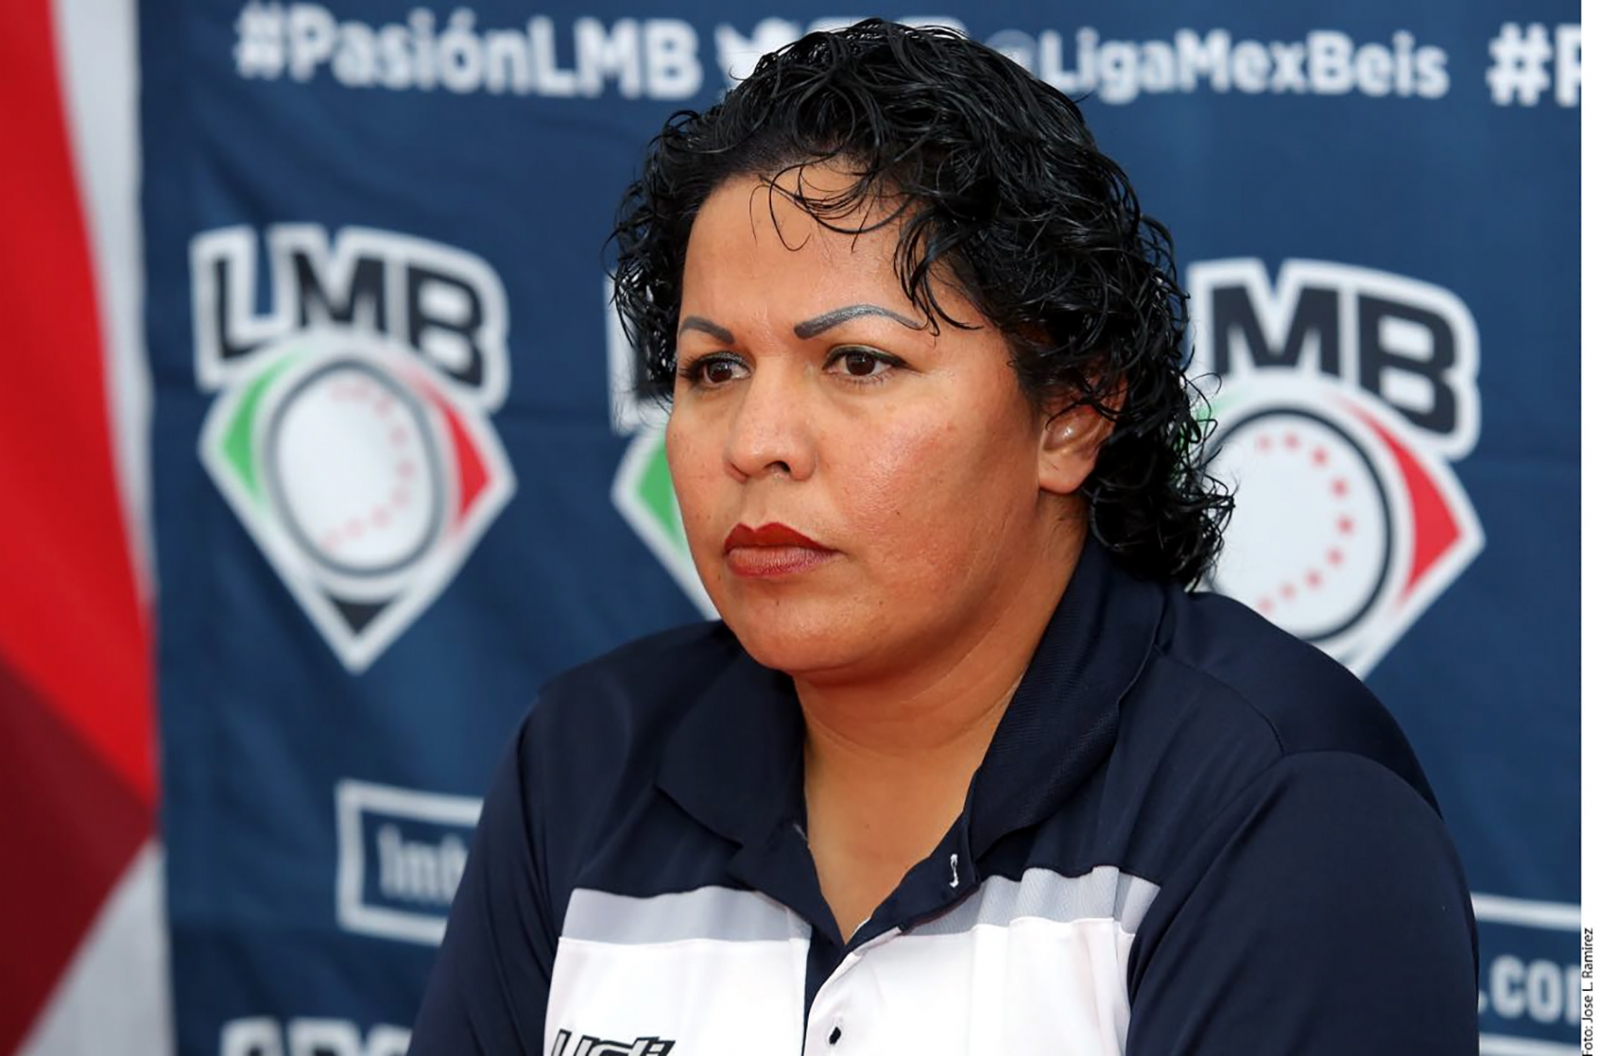 ¡Historia! Luz Gordoa, primera mujer ampáyer en la LMB